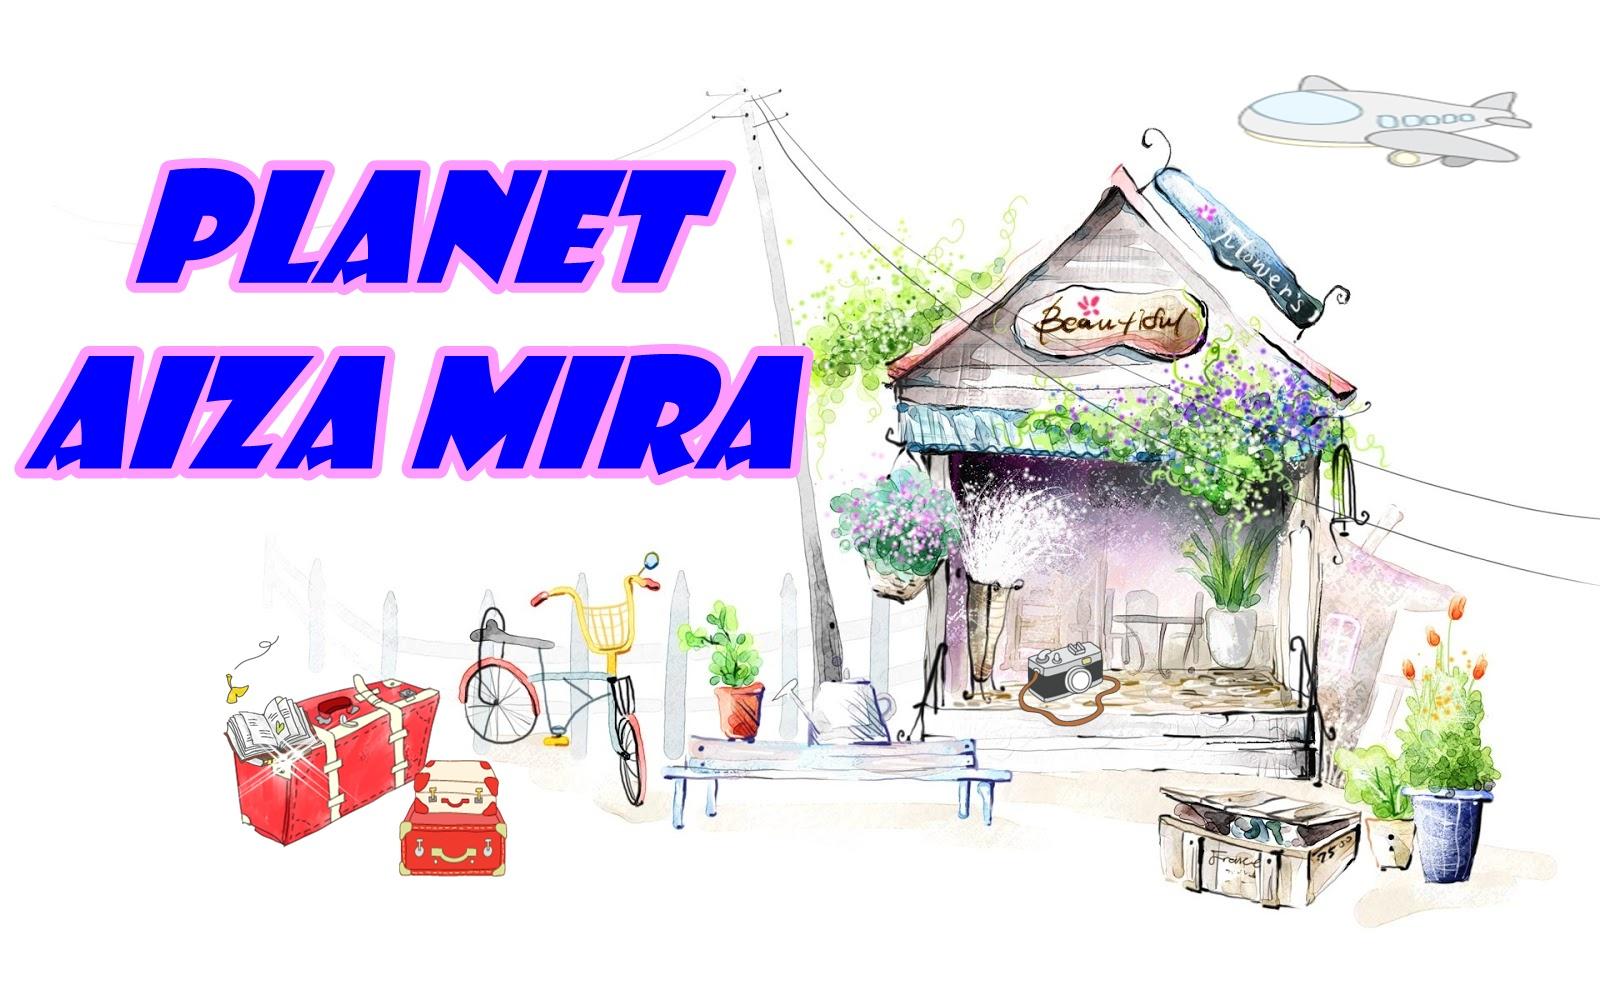 PLANET AIZA MIRA